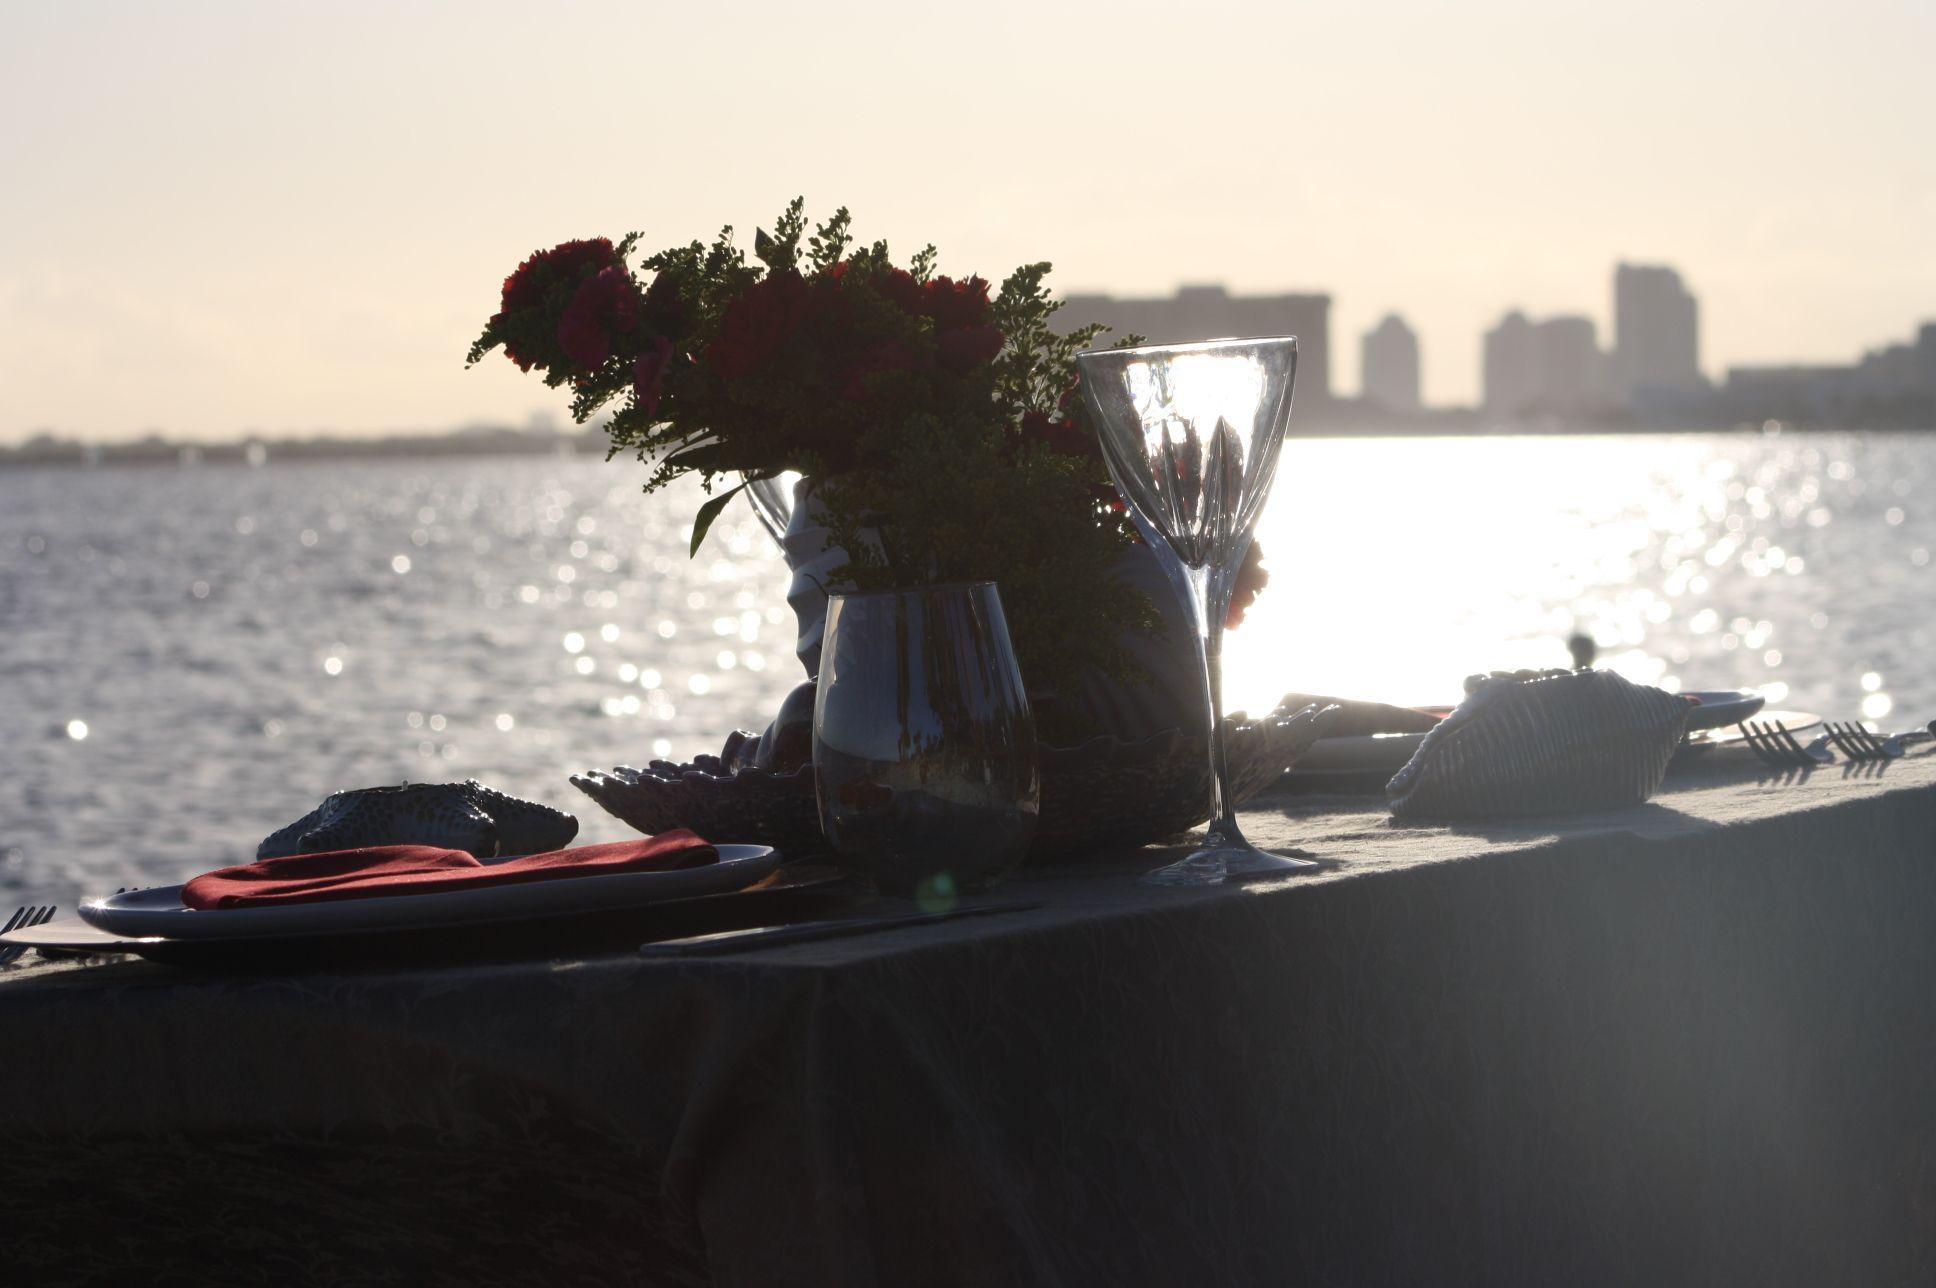 #sunsent #keybiscaine #flowersdesign #valentinefor2